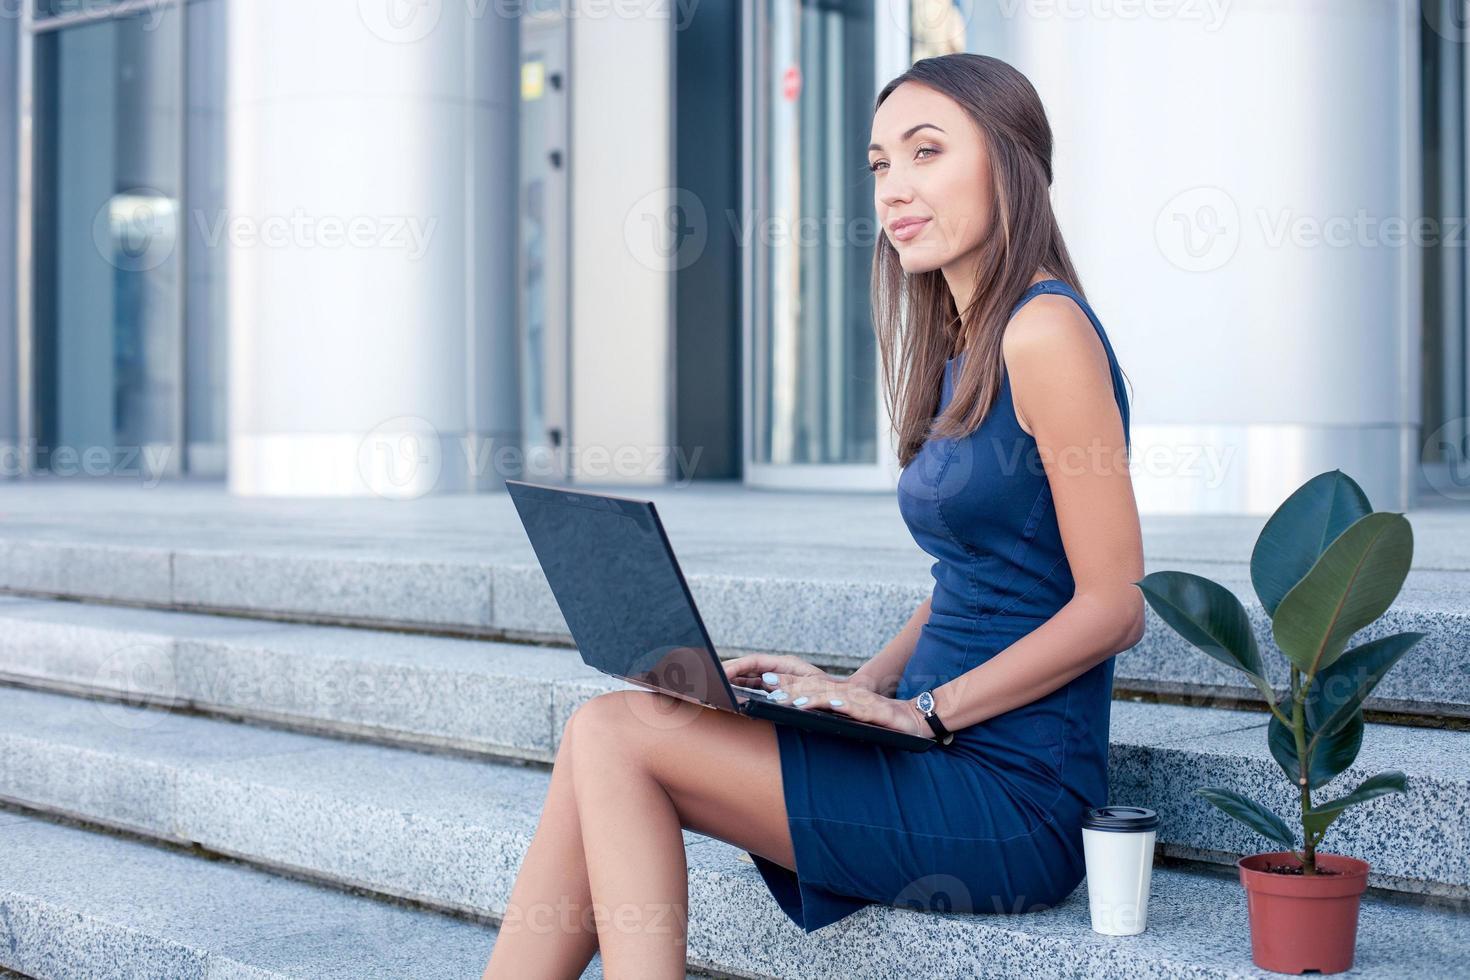 la bella giovane donna sta lavorando con un taccuino foto